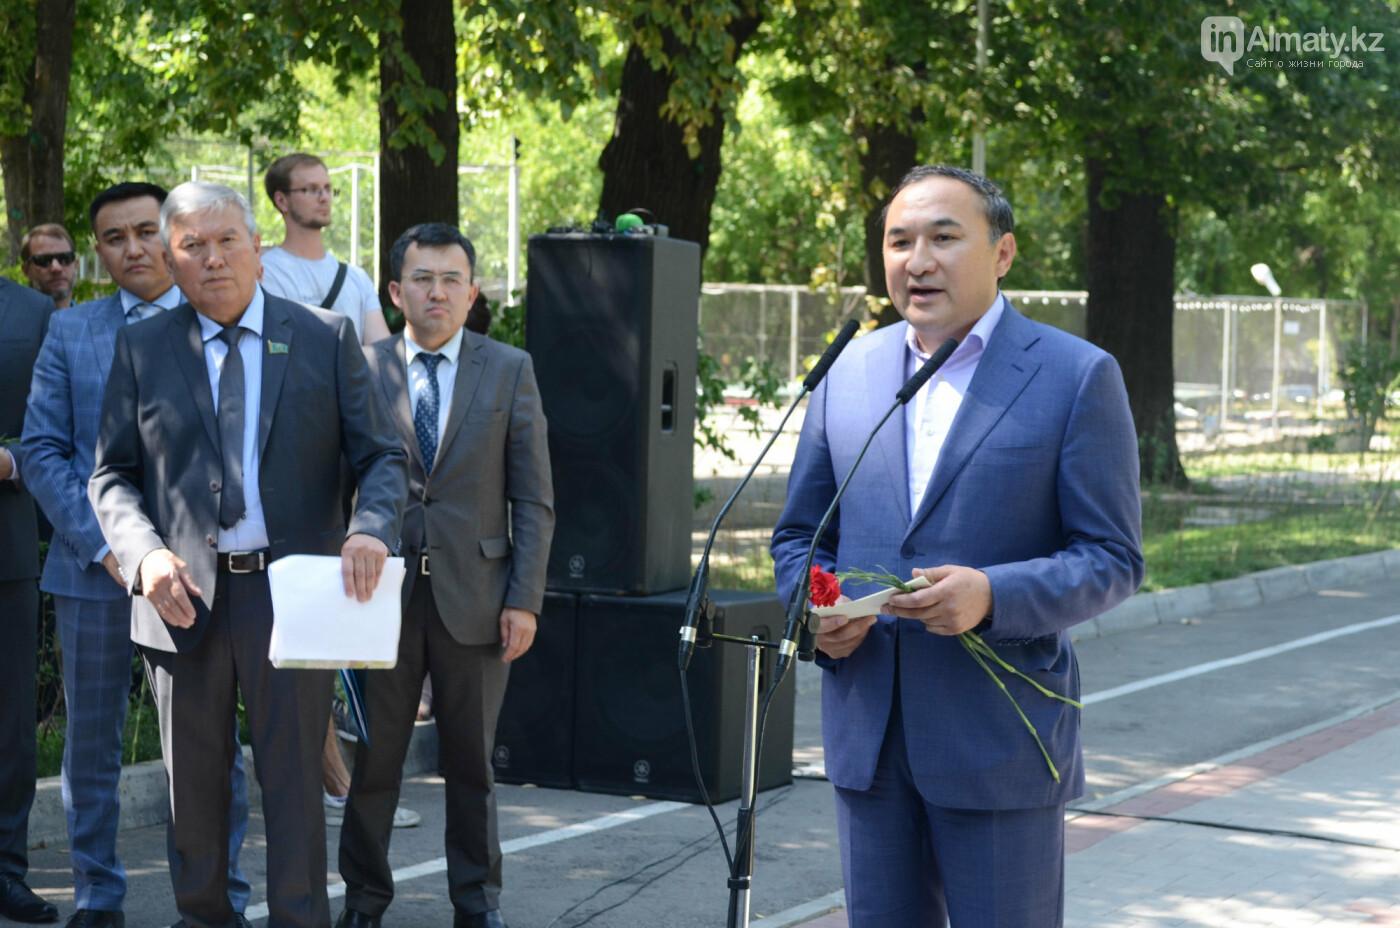 Родственники Дениса Тена и звезды фигурного катания почтили память фигуриста в Алматы, фото-12